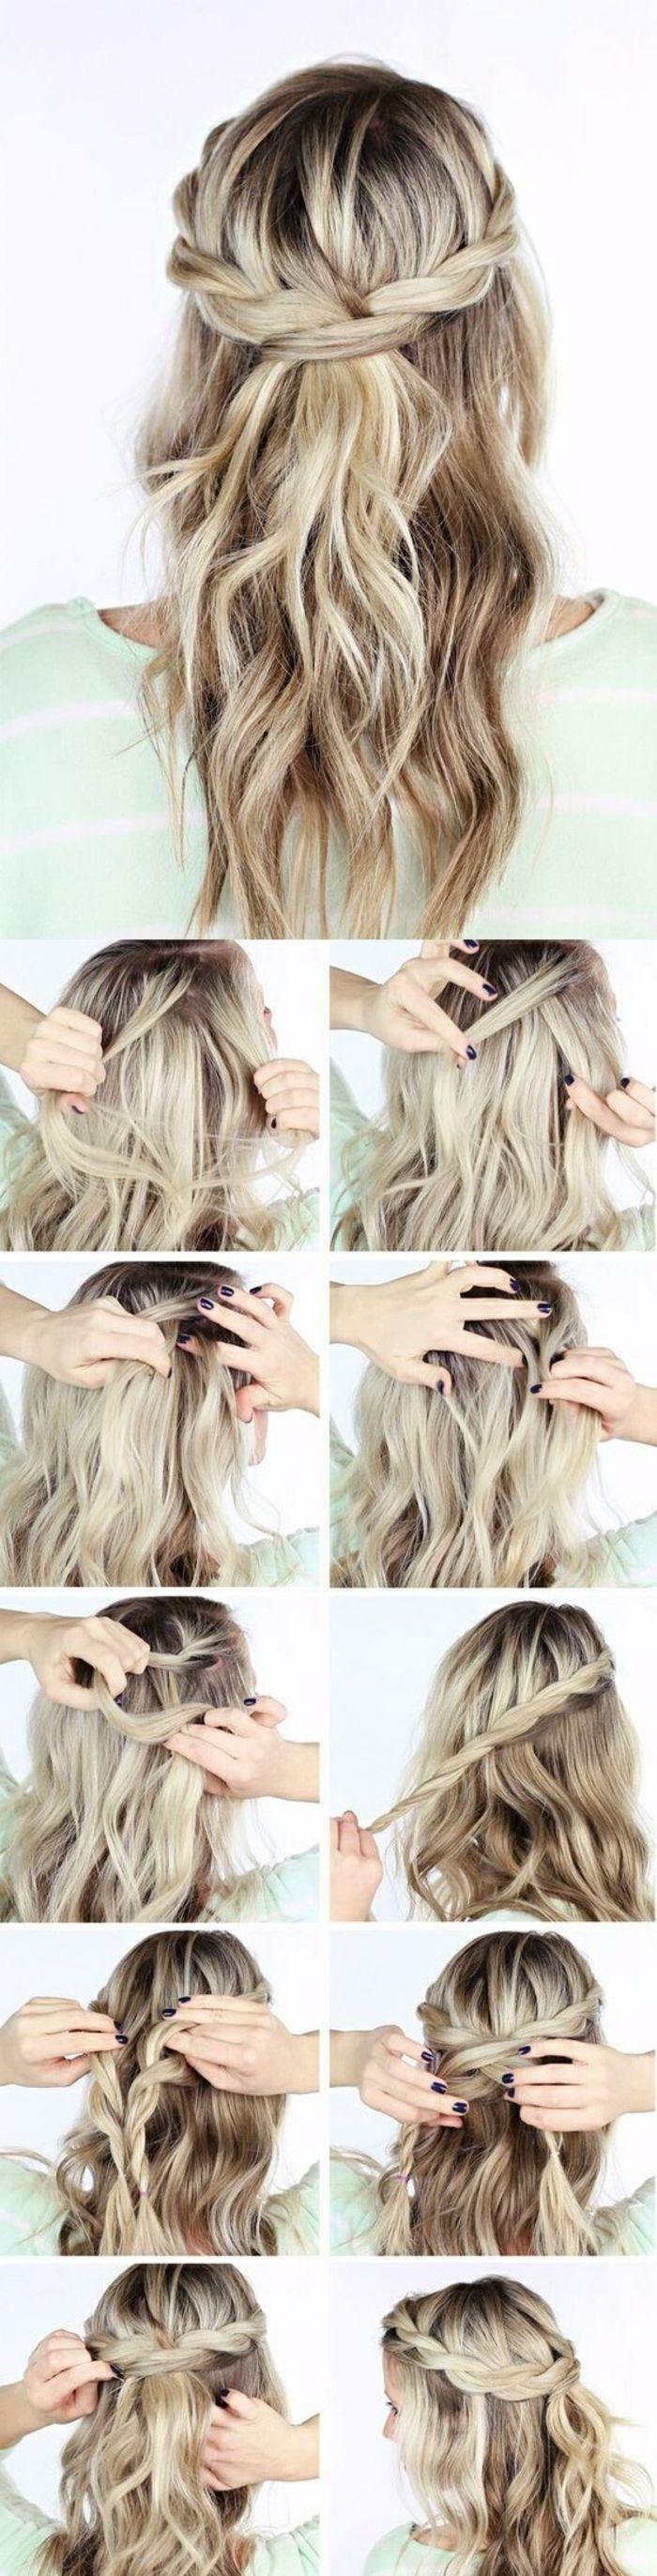 einfache Frisuren mittellanges, blondes, lockiges Haar, tolles Flechten – Haare lieben